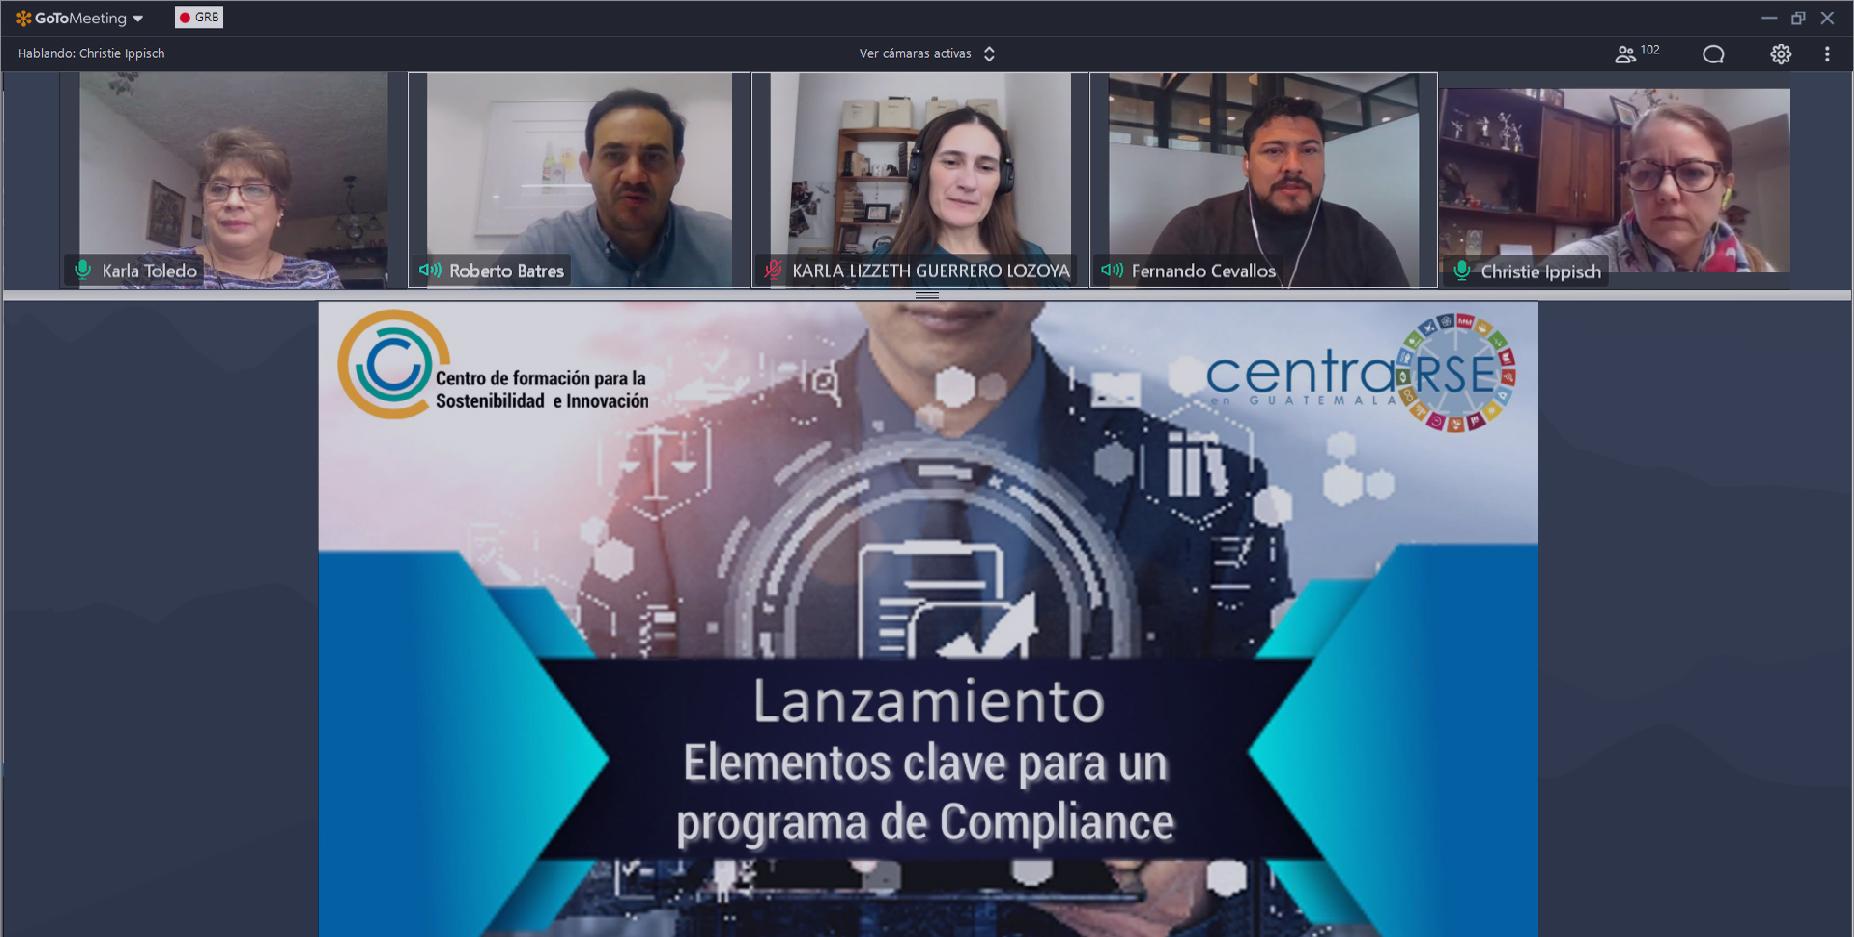 Lanzamiento Programa -Cultura de Cumplimiento Organizacional- y curso de formación Elementos clave para un programa de Compliance.